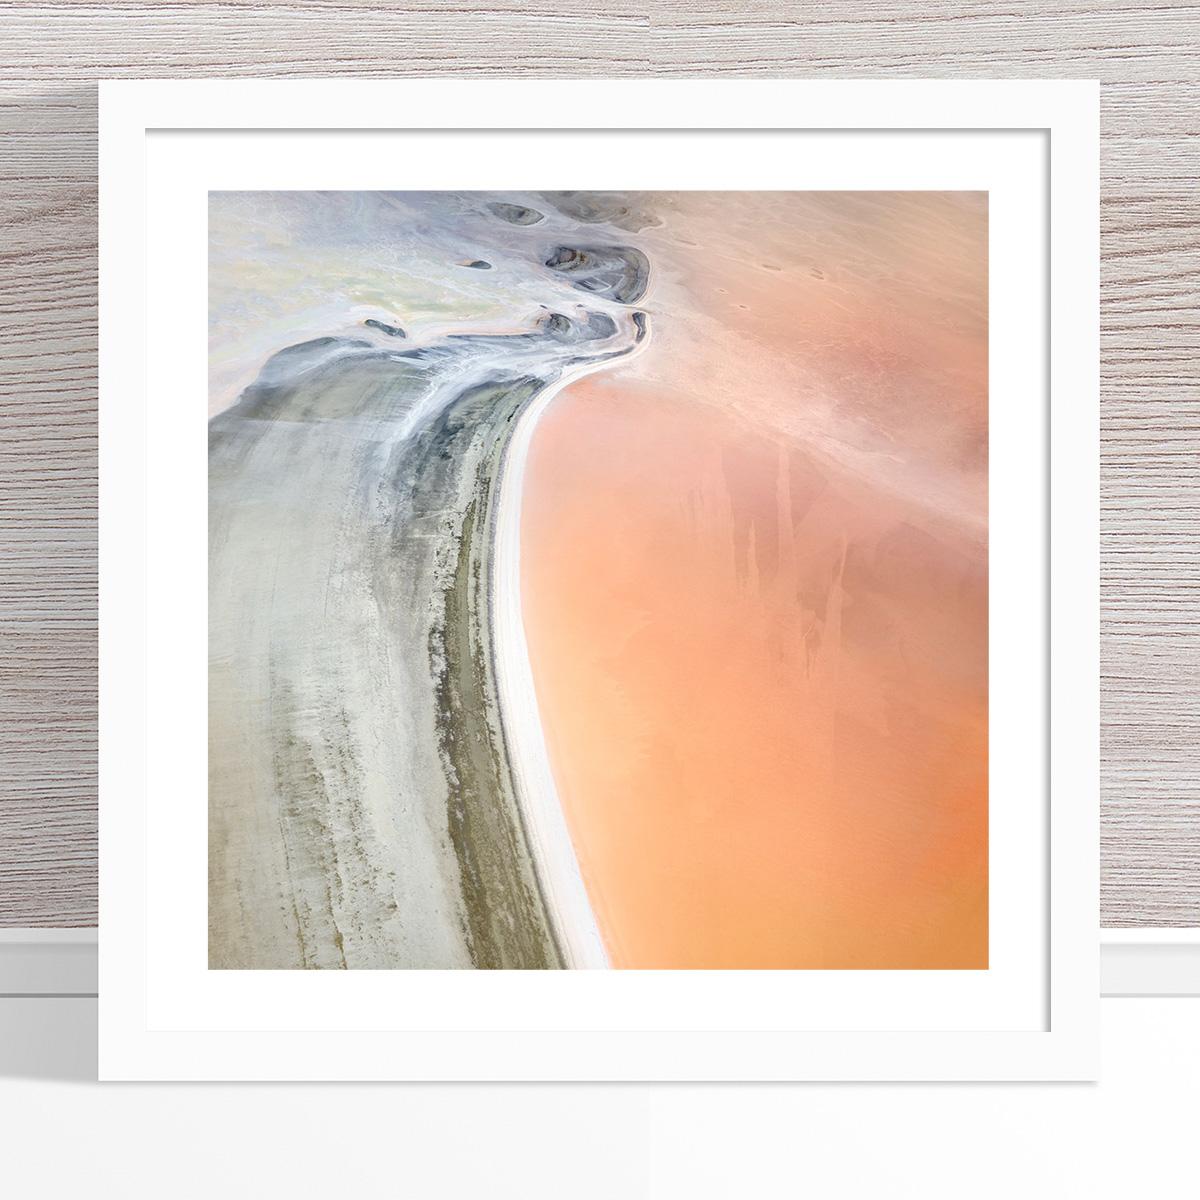 Chris Saunders - 'Aerial Salt 041' White Frame